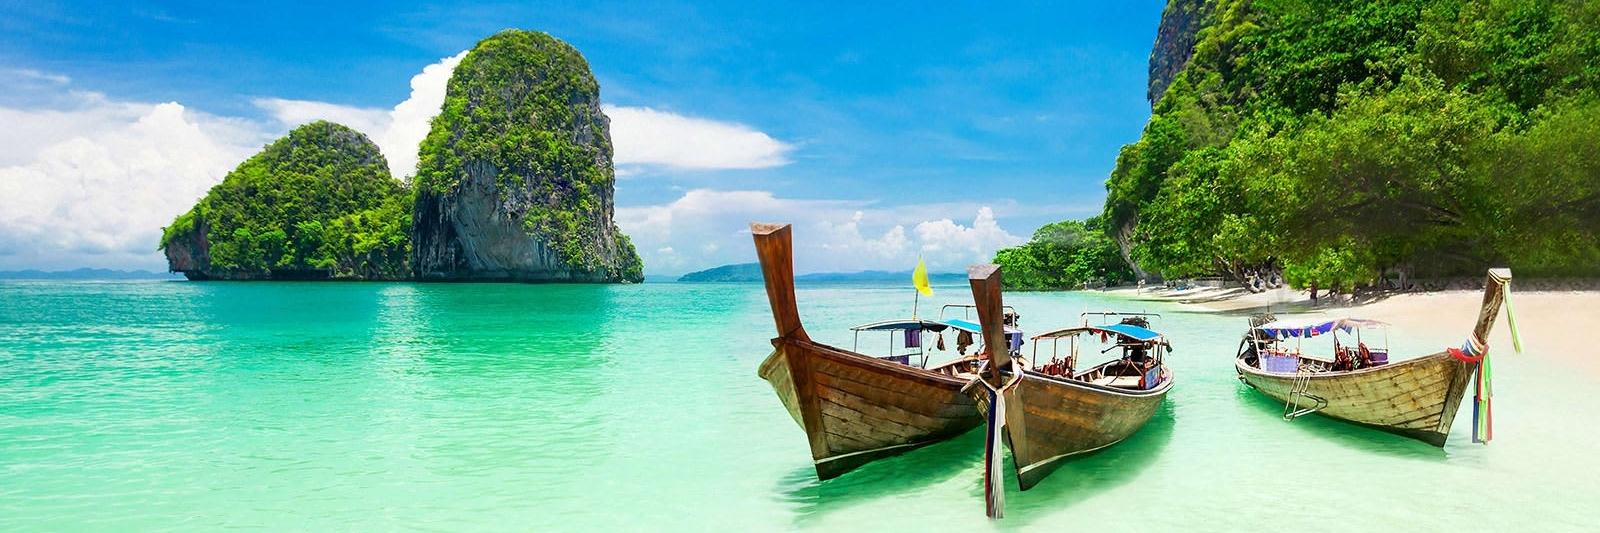 https://gody.vn/blog/du-lich-chau-a/post/krabi-thien-duong-ha-gioi-moi-o-thai-lan-1434